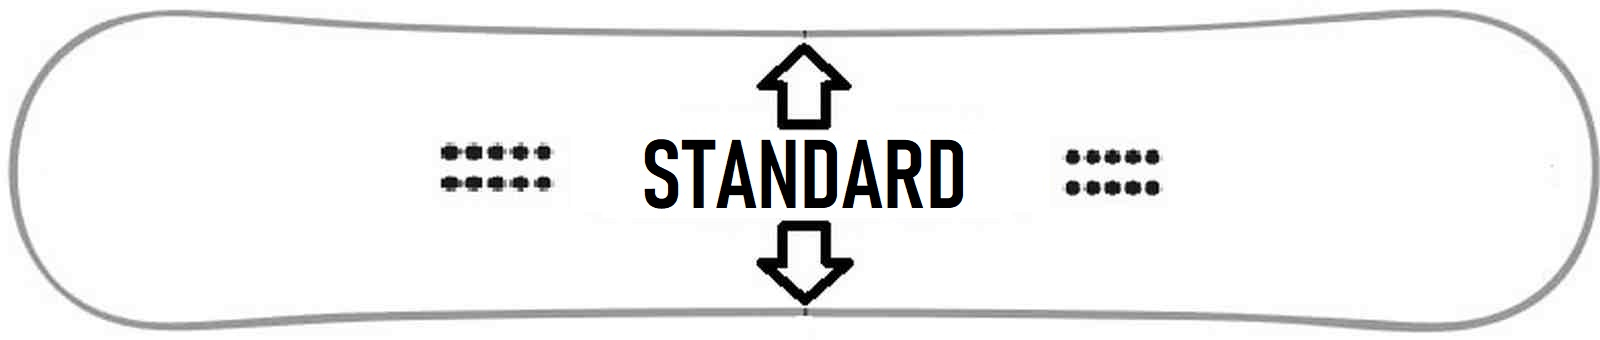 Deski o standardowej szerokości przeznaczona jest dla snowboardzistów o rozmiarze stopy nie większym niż 44